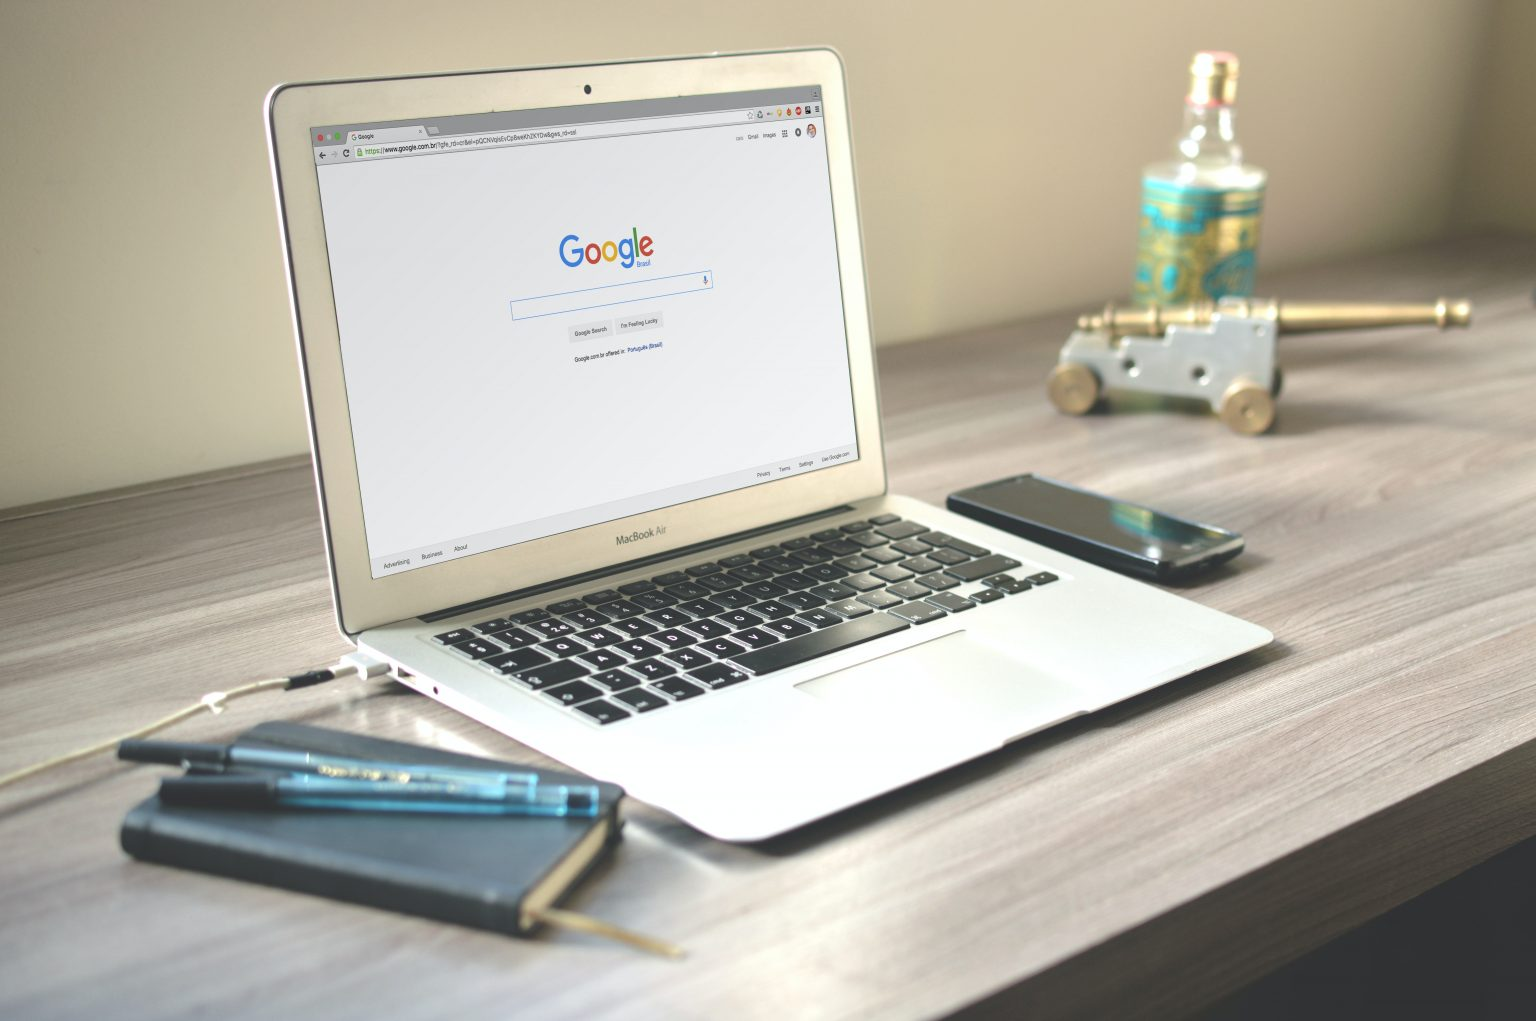 सर्च इंजन (Search Engine) क्या है?